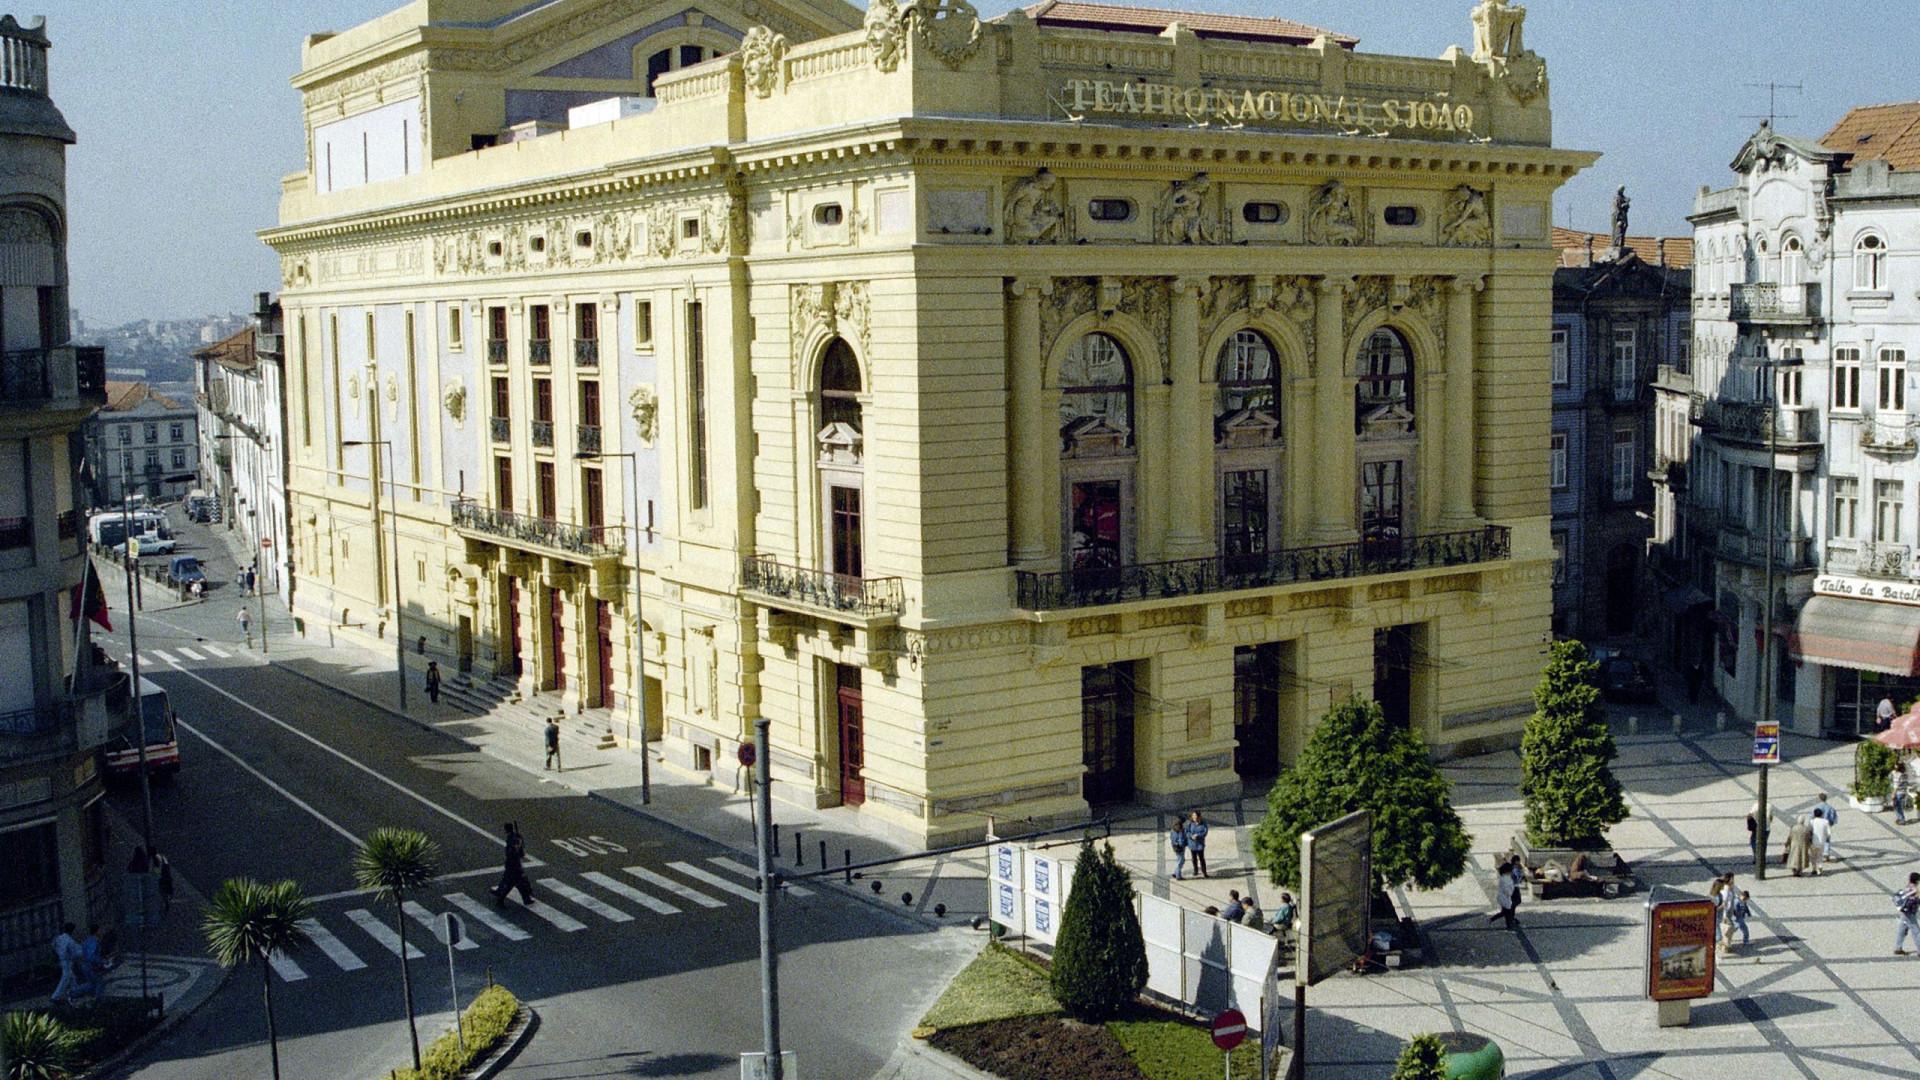 Teatro S. João abre concursos públicos para obras no valor de 1,6 milhões